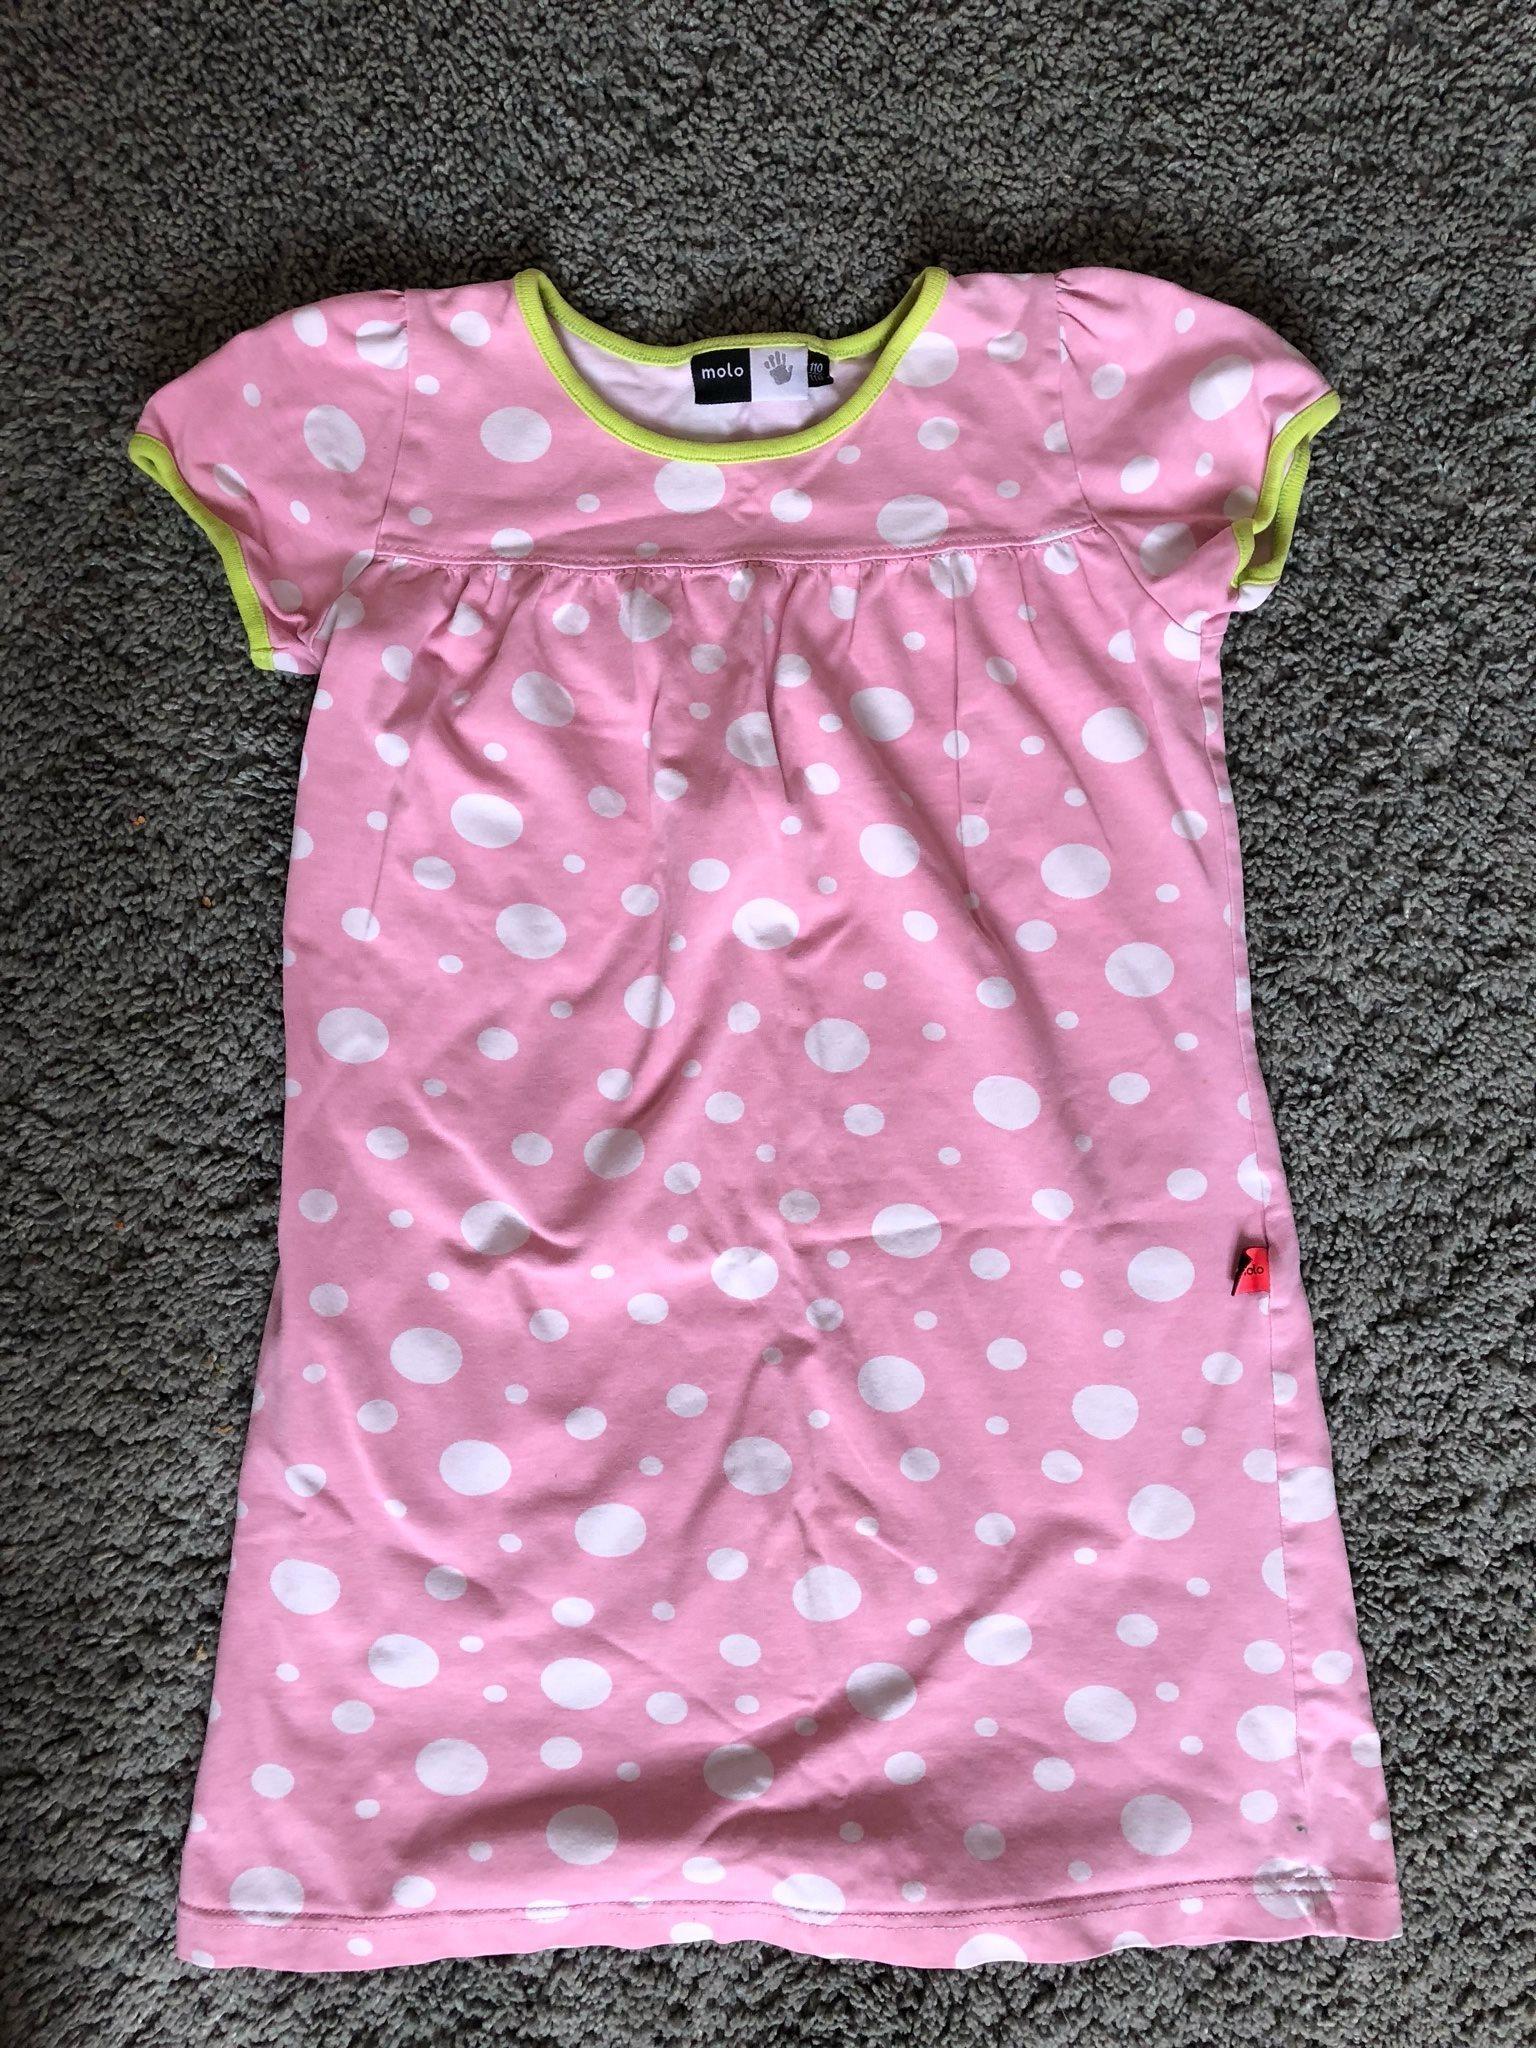 Klänning Molo rosa med vita prickar storlek 110.. (328586668) ᐈ Köp ... 267110252a1dc